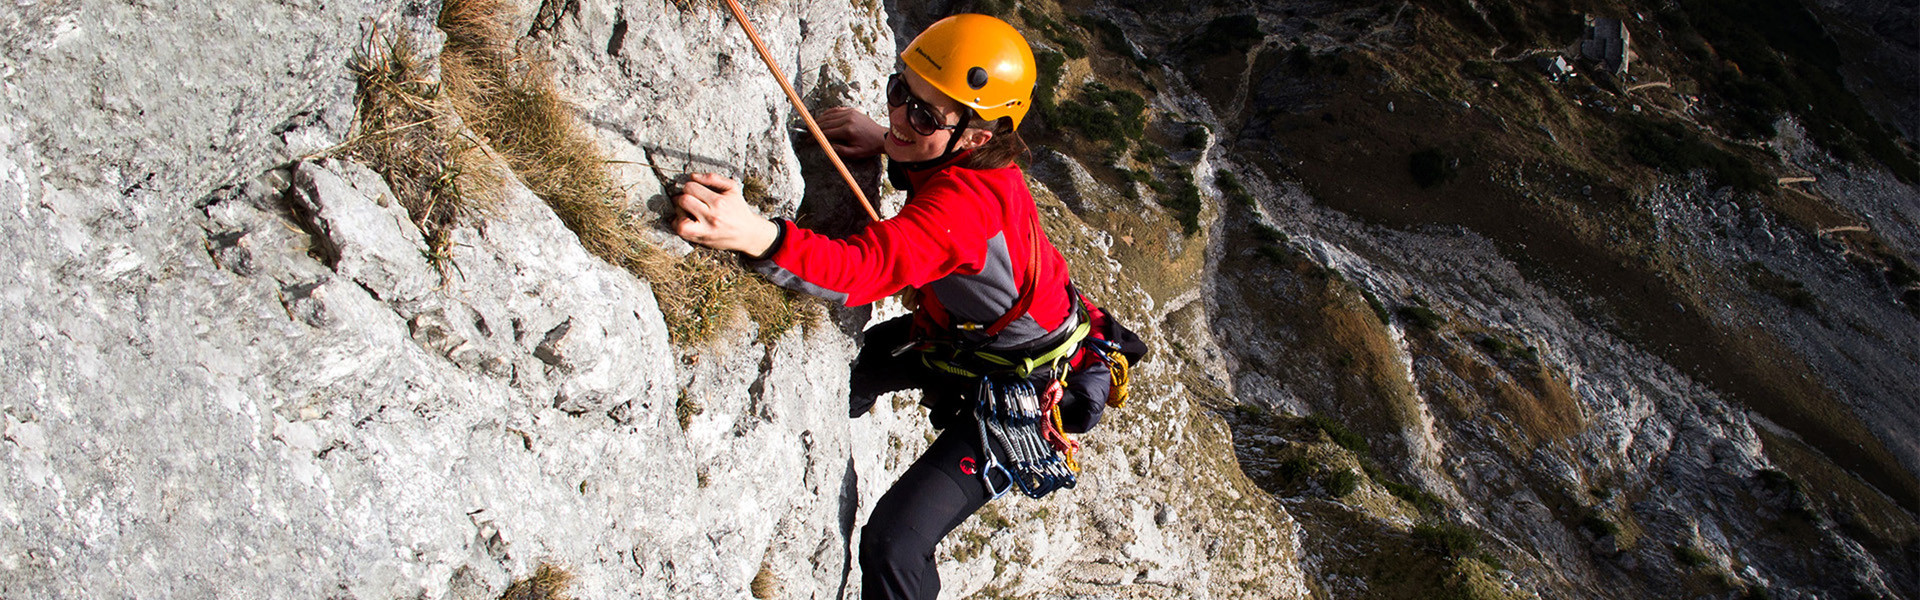 Kletterer im alpinen Gelände am Blausandpfeiler-Untersberg